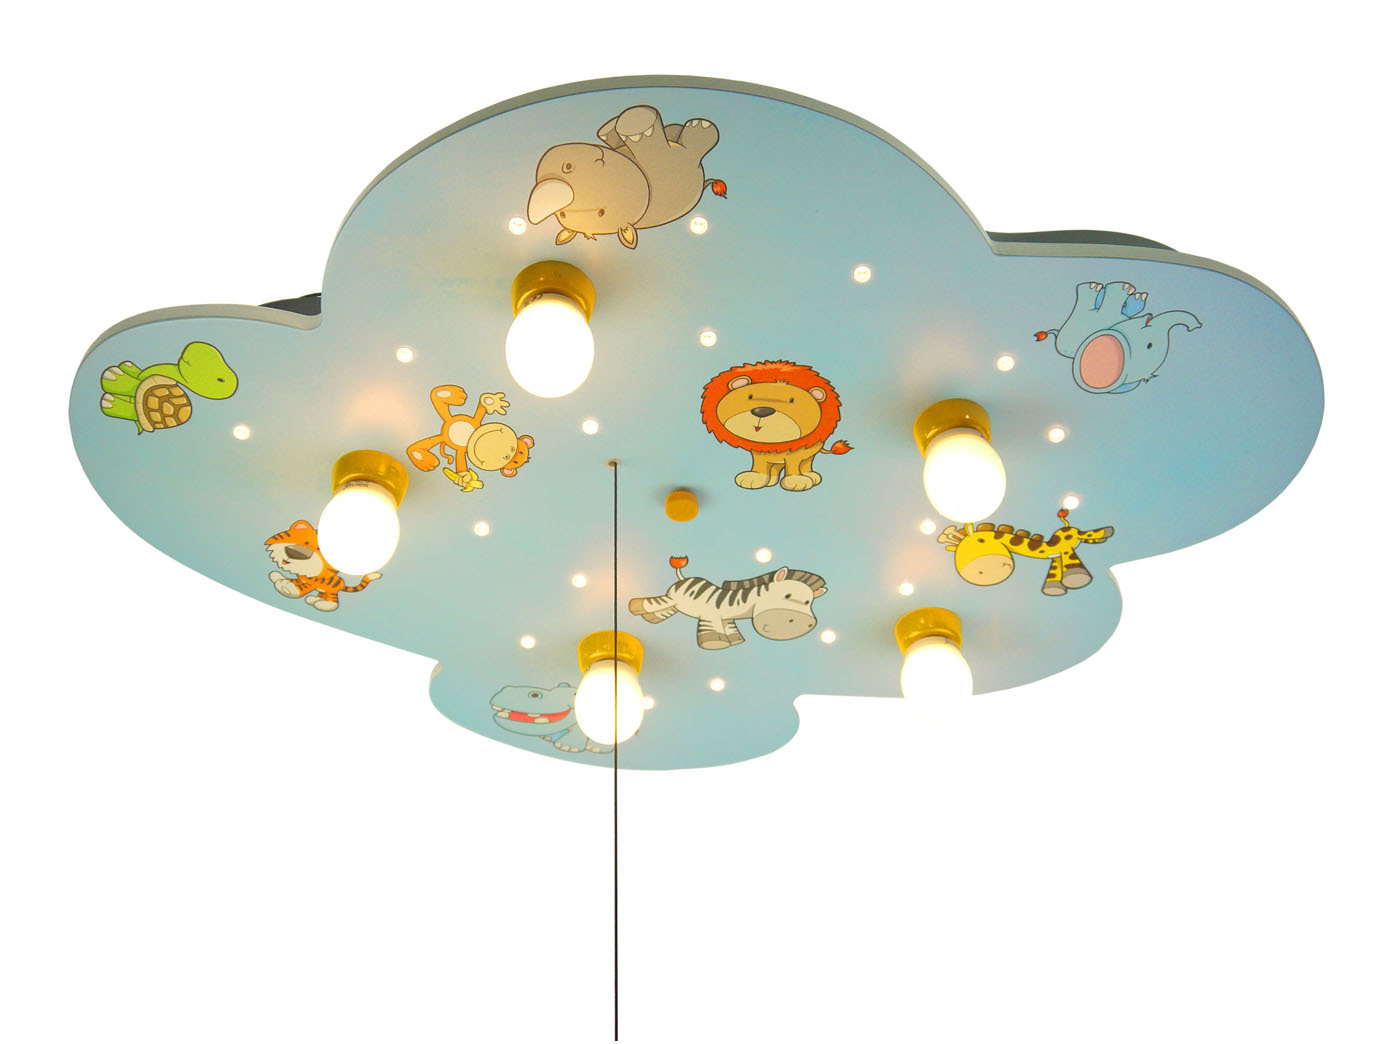 deckenlampe kinderzimmer wolkenlampe led sternenhimmel amazon echo kompatibel ebay. Black Bedroom Furniture Sets. Home Design Ideas